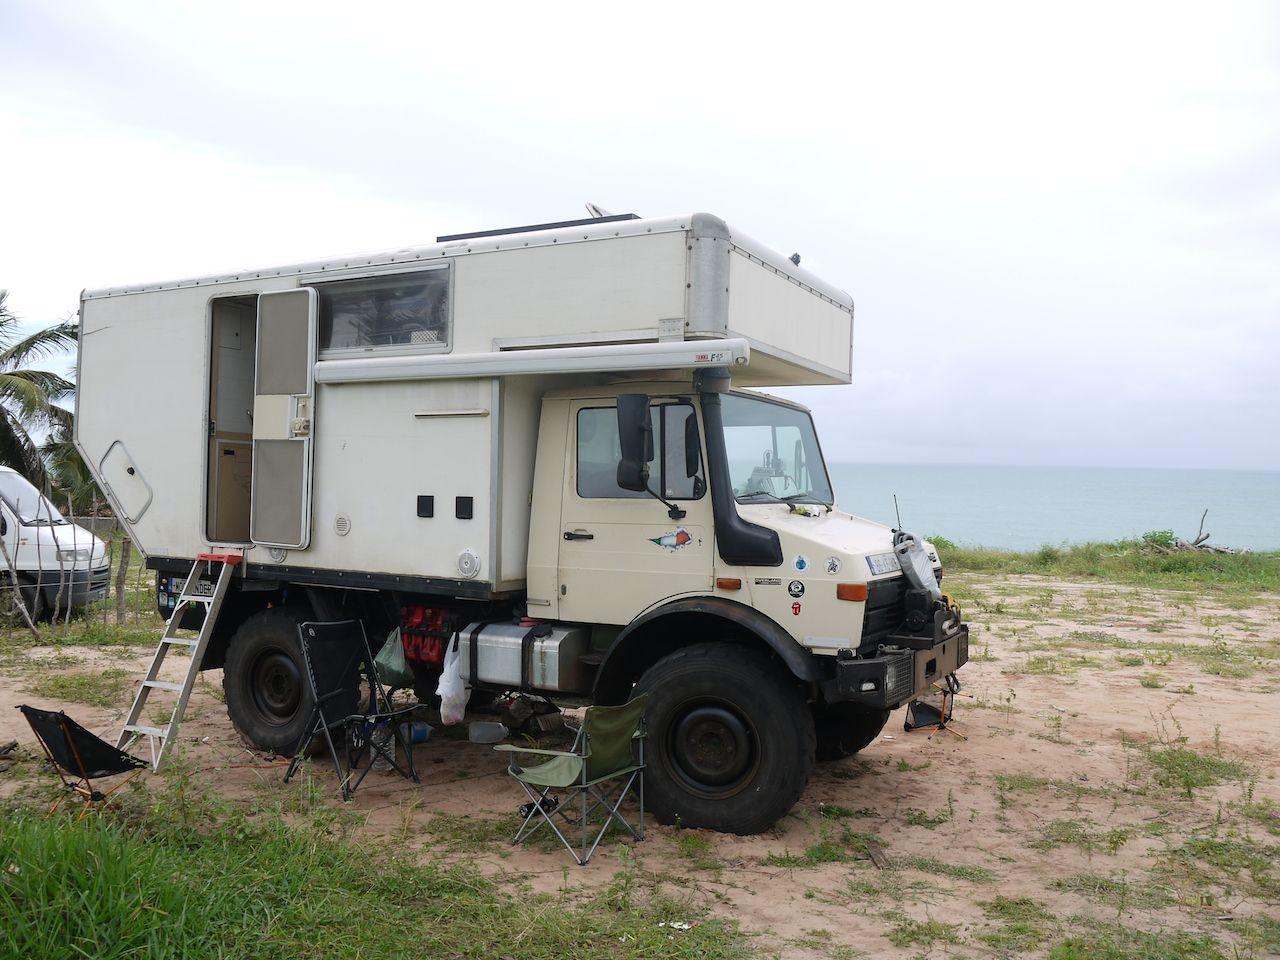 unimog camper look slike a box truck uhaul back shoved on a unimog and cut for departure. Black Bedroom Furniture Sets. Home Design Ideas